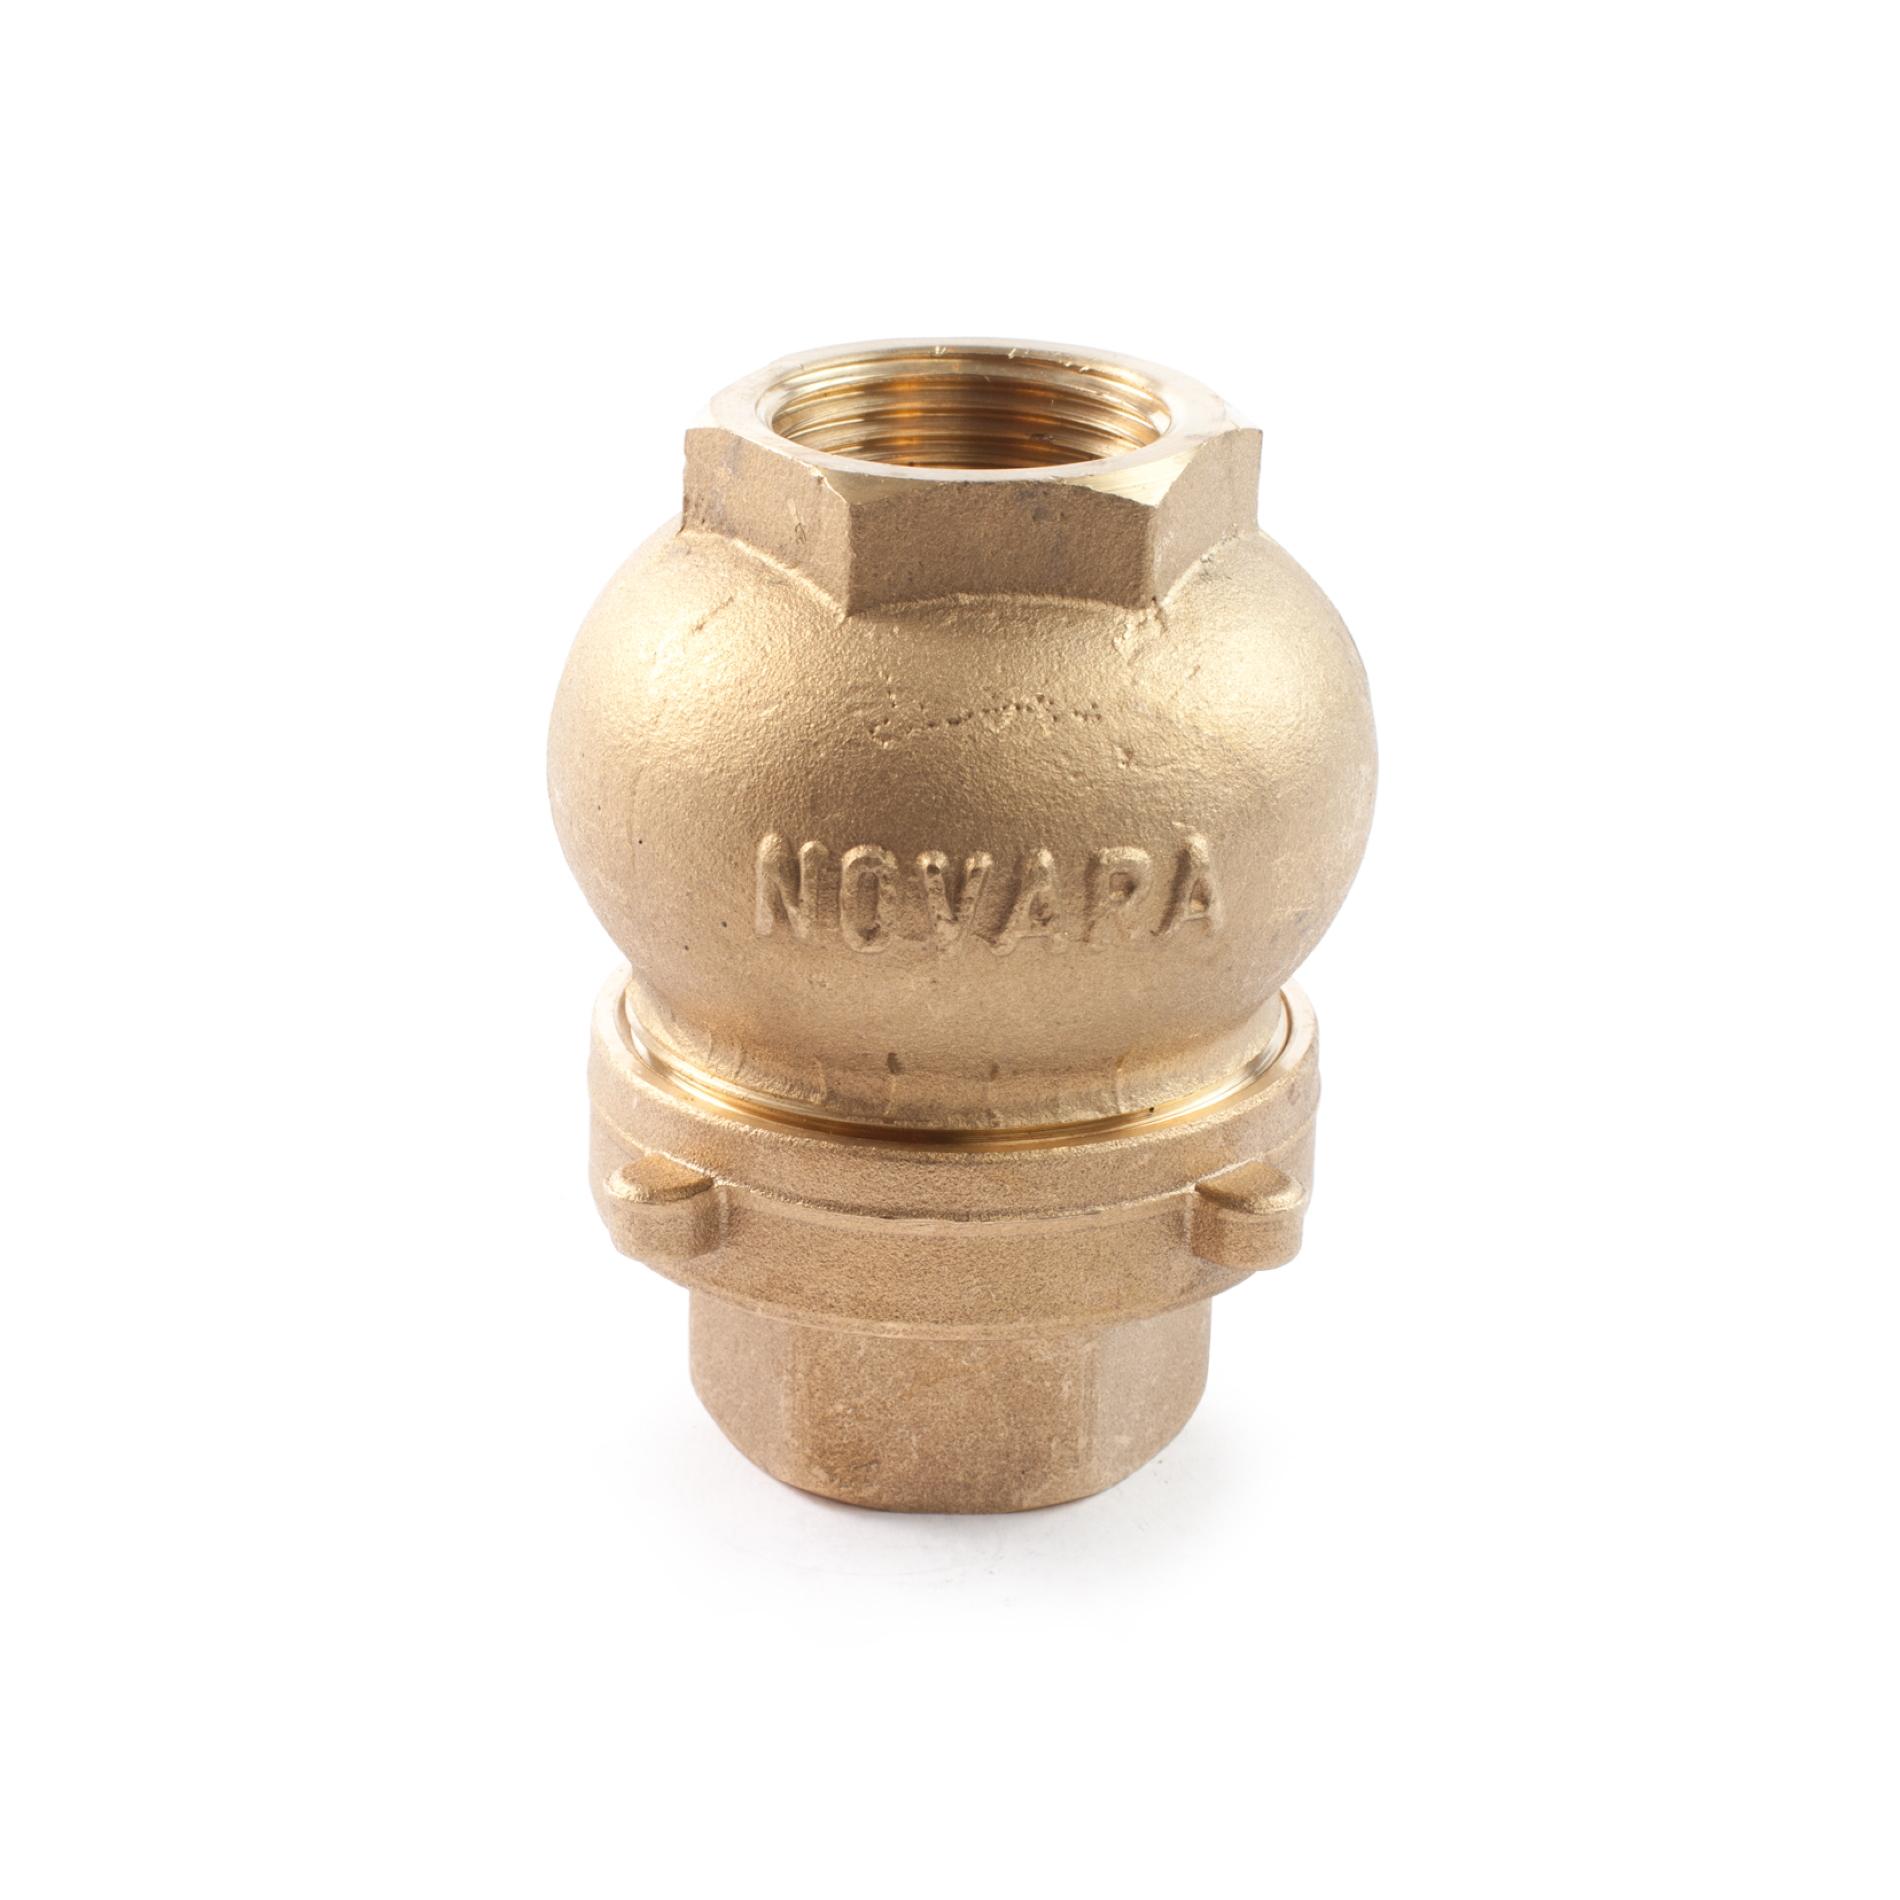 455 Valvola di non ritorno ottone verticale NRV Brass non-return valve vertical type NOVARA